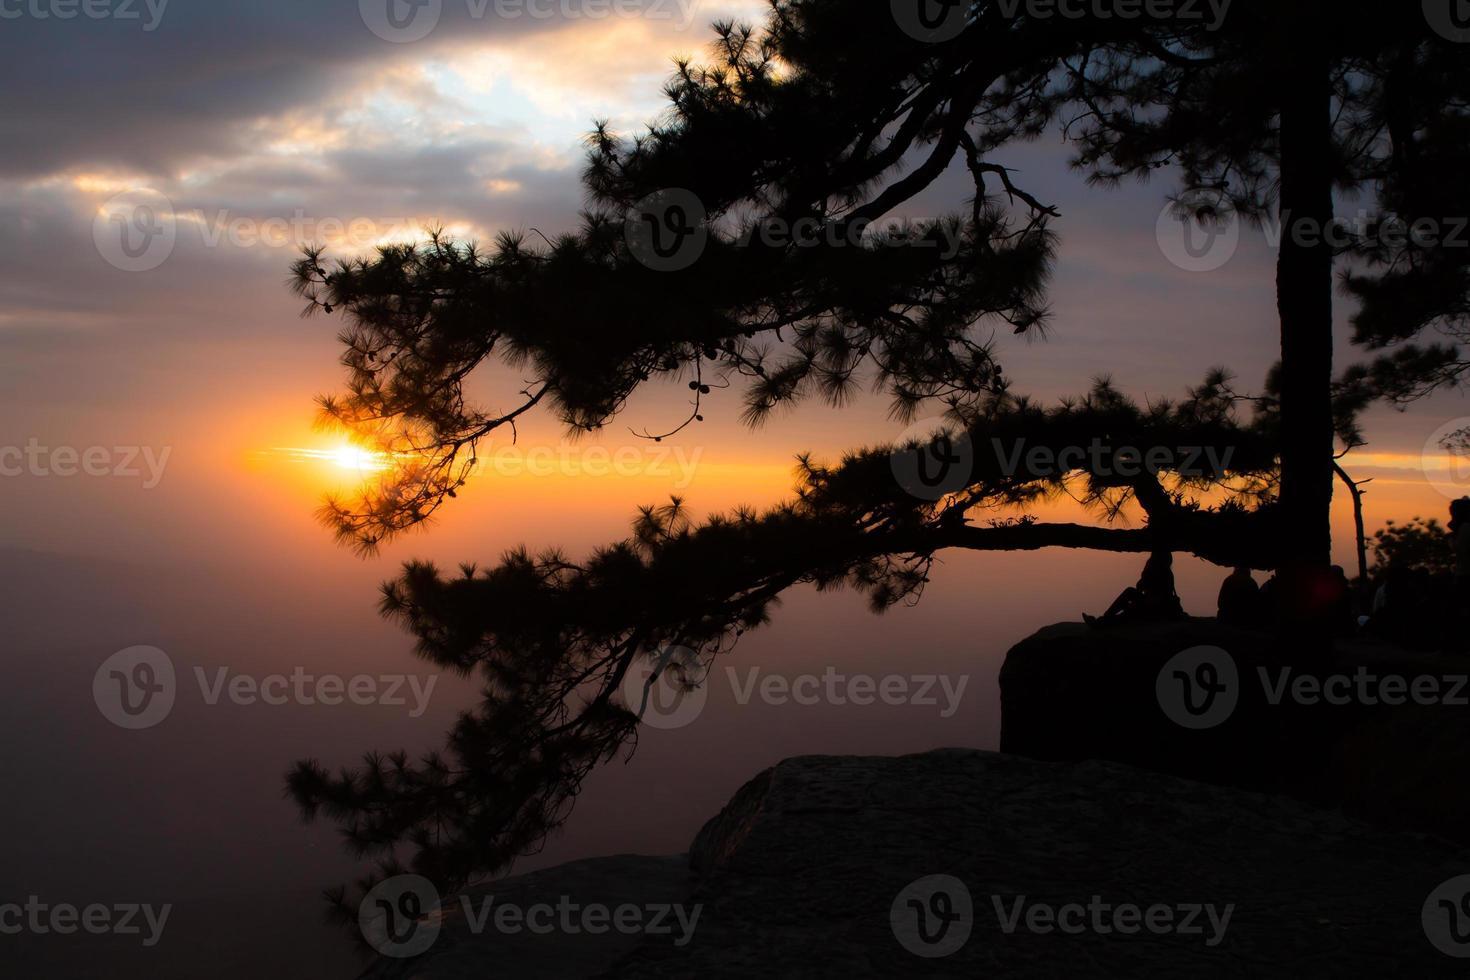 punto di vista il più bello, phu kradueng. foto